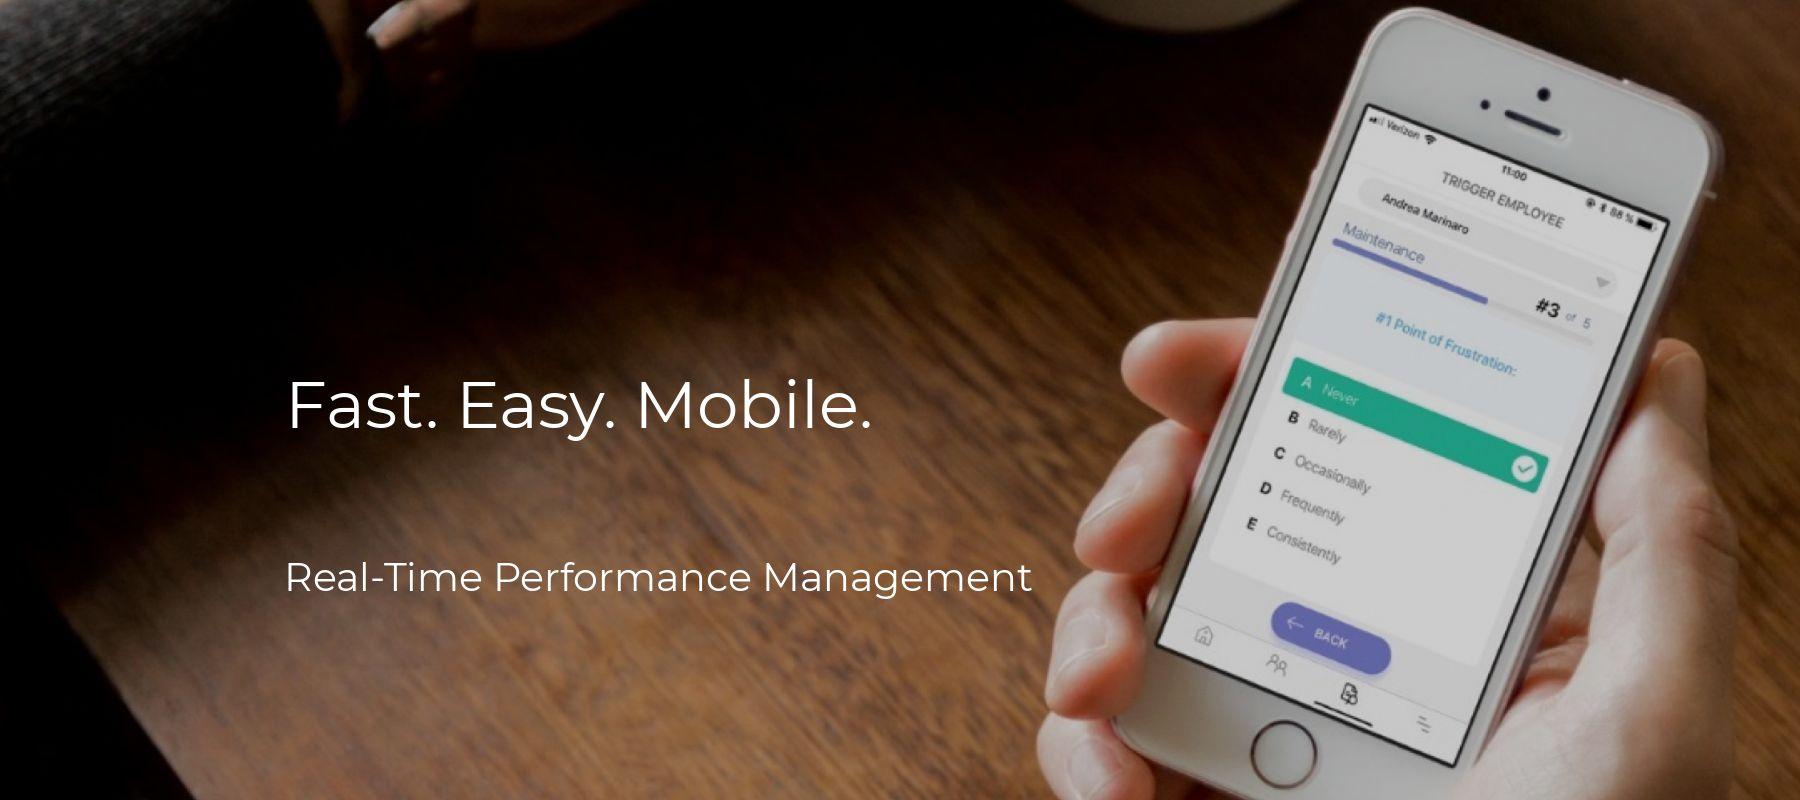 fast,_easy,_mobile_6_custom